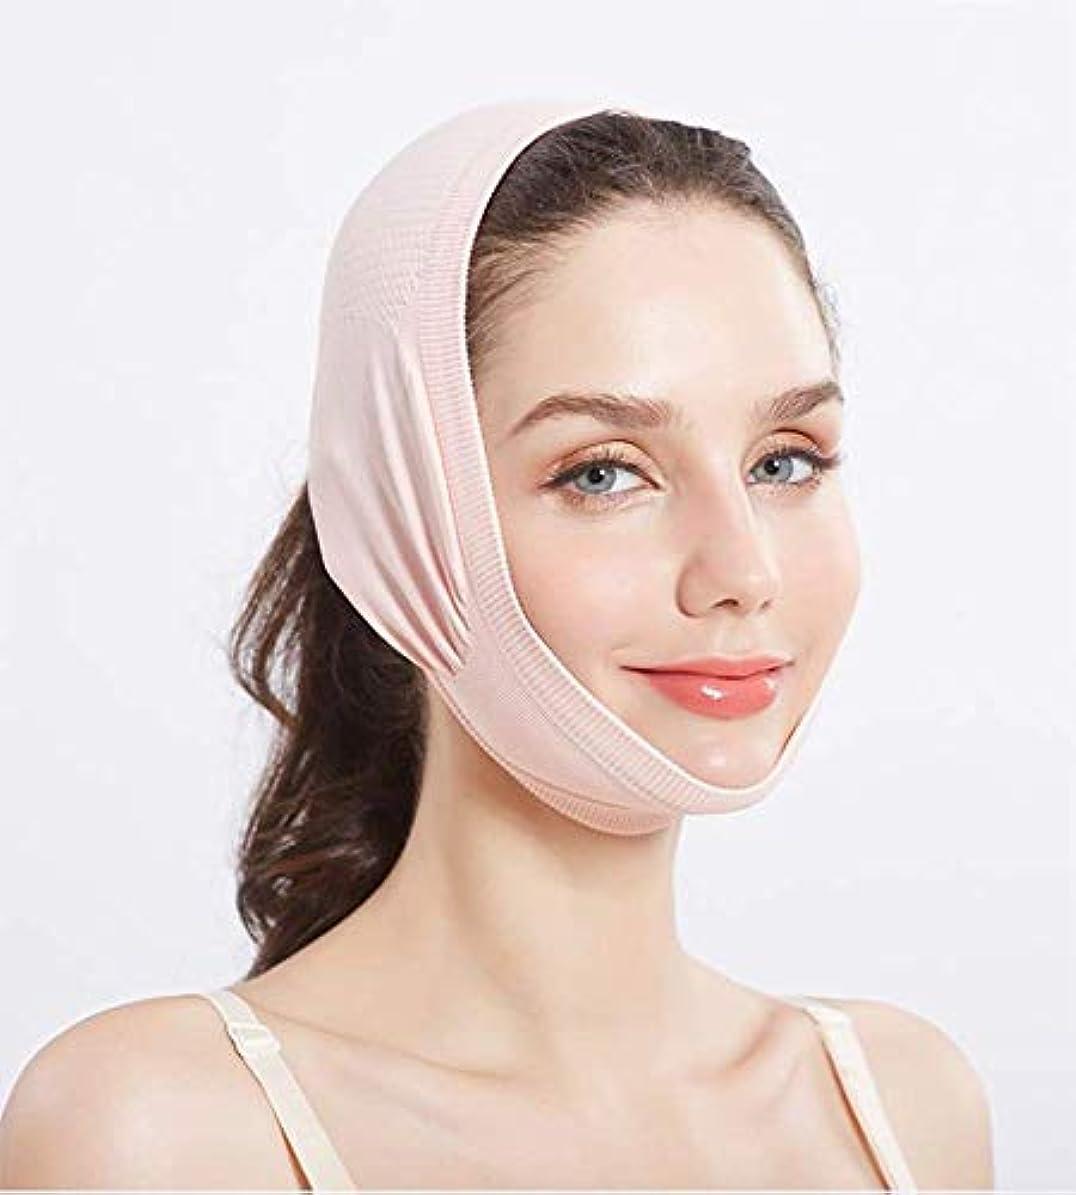 飛躍方法論科学者Lquideの表面持ち上がるベルトの包帯Vの表面のアーティファクトのマスクの持ち上がるあごを正常な美の顔の包帯に快適で、柔らかい